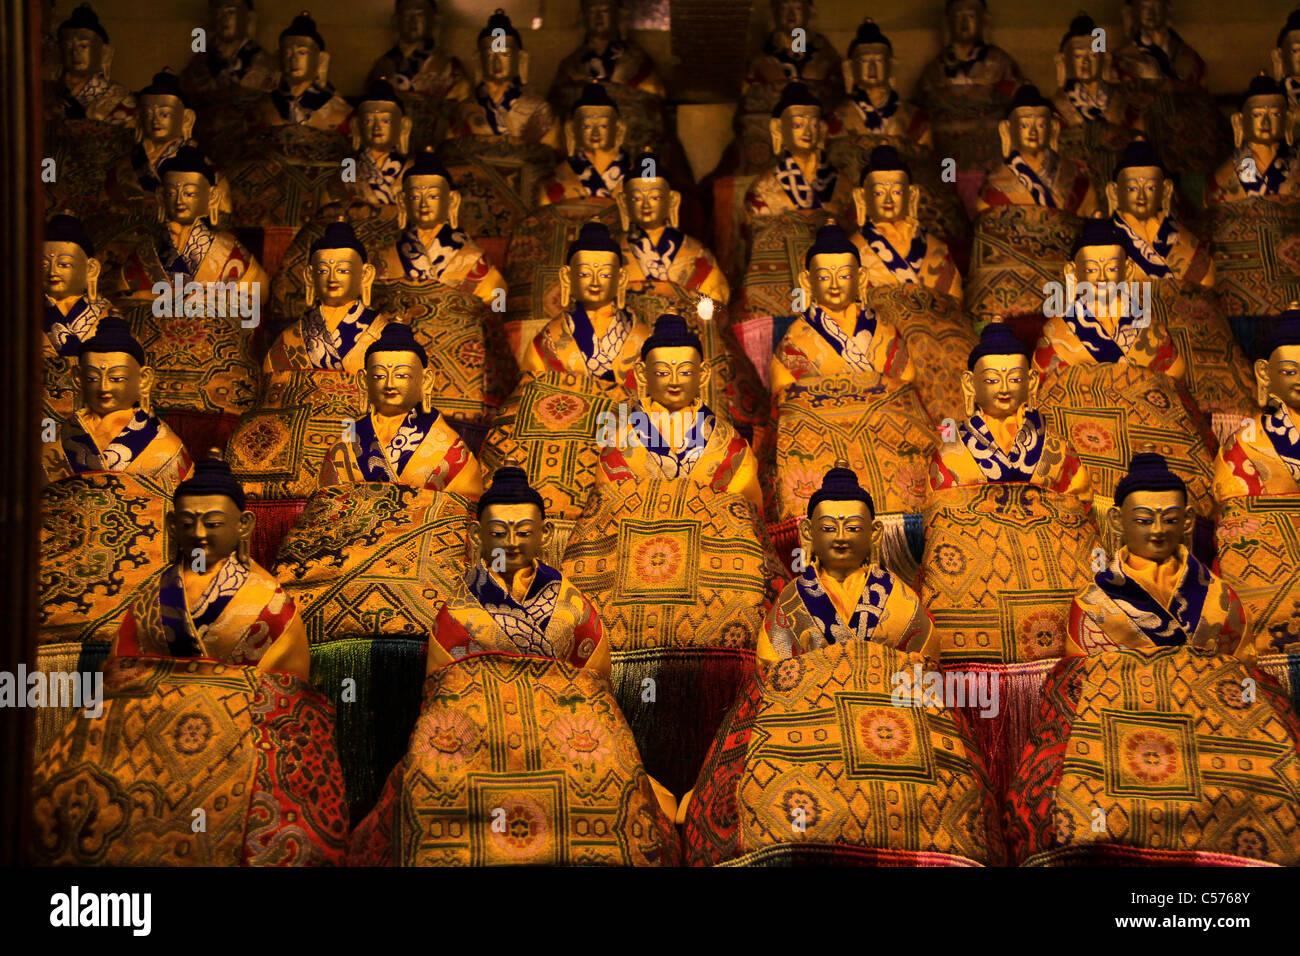 Many faces of Buddha, The Potala Palace, Lhasa, Tibet, China - Stock Image